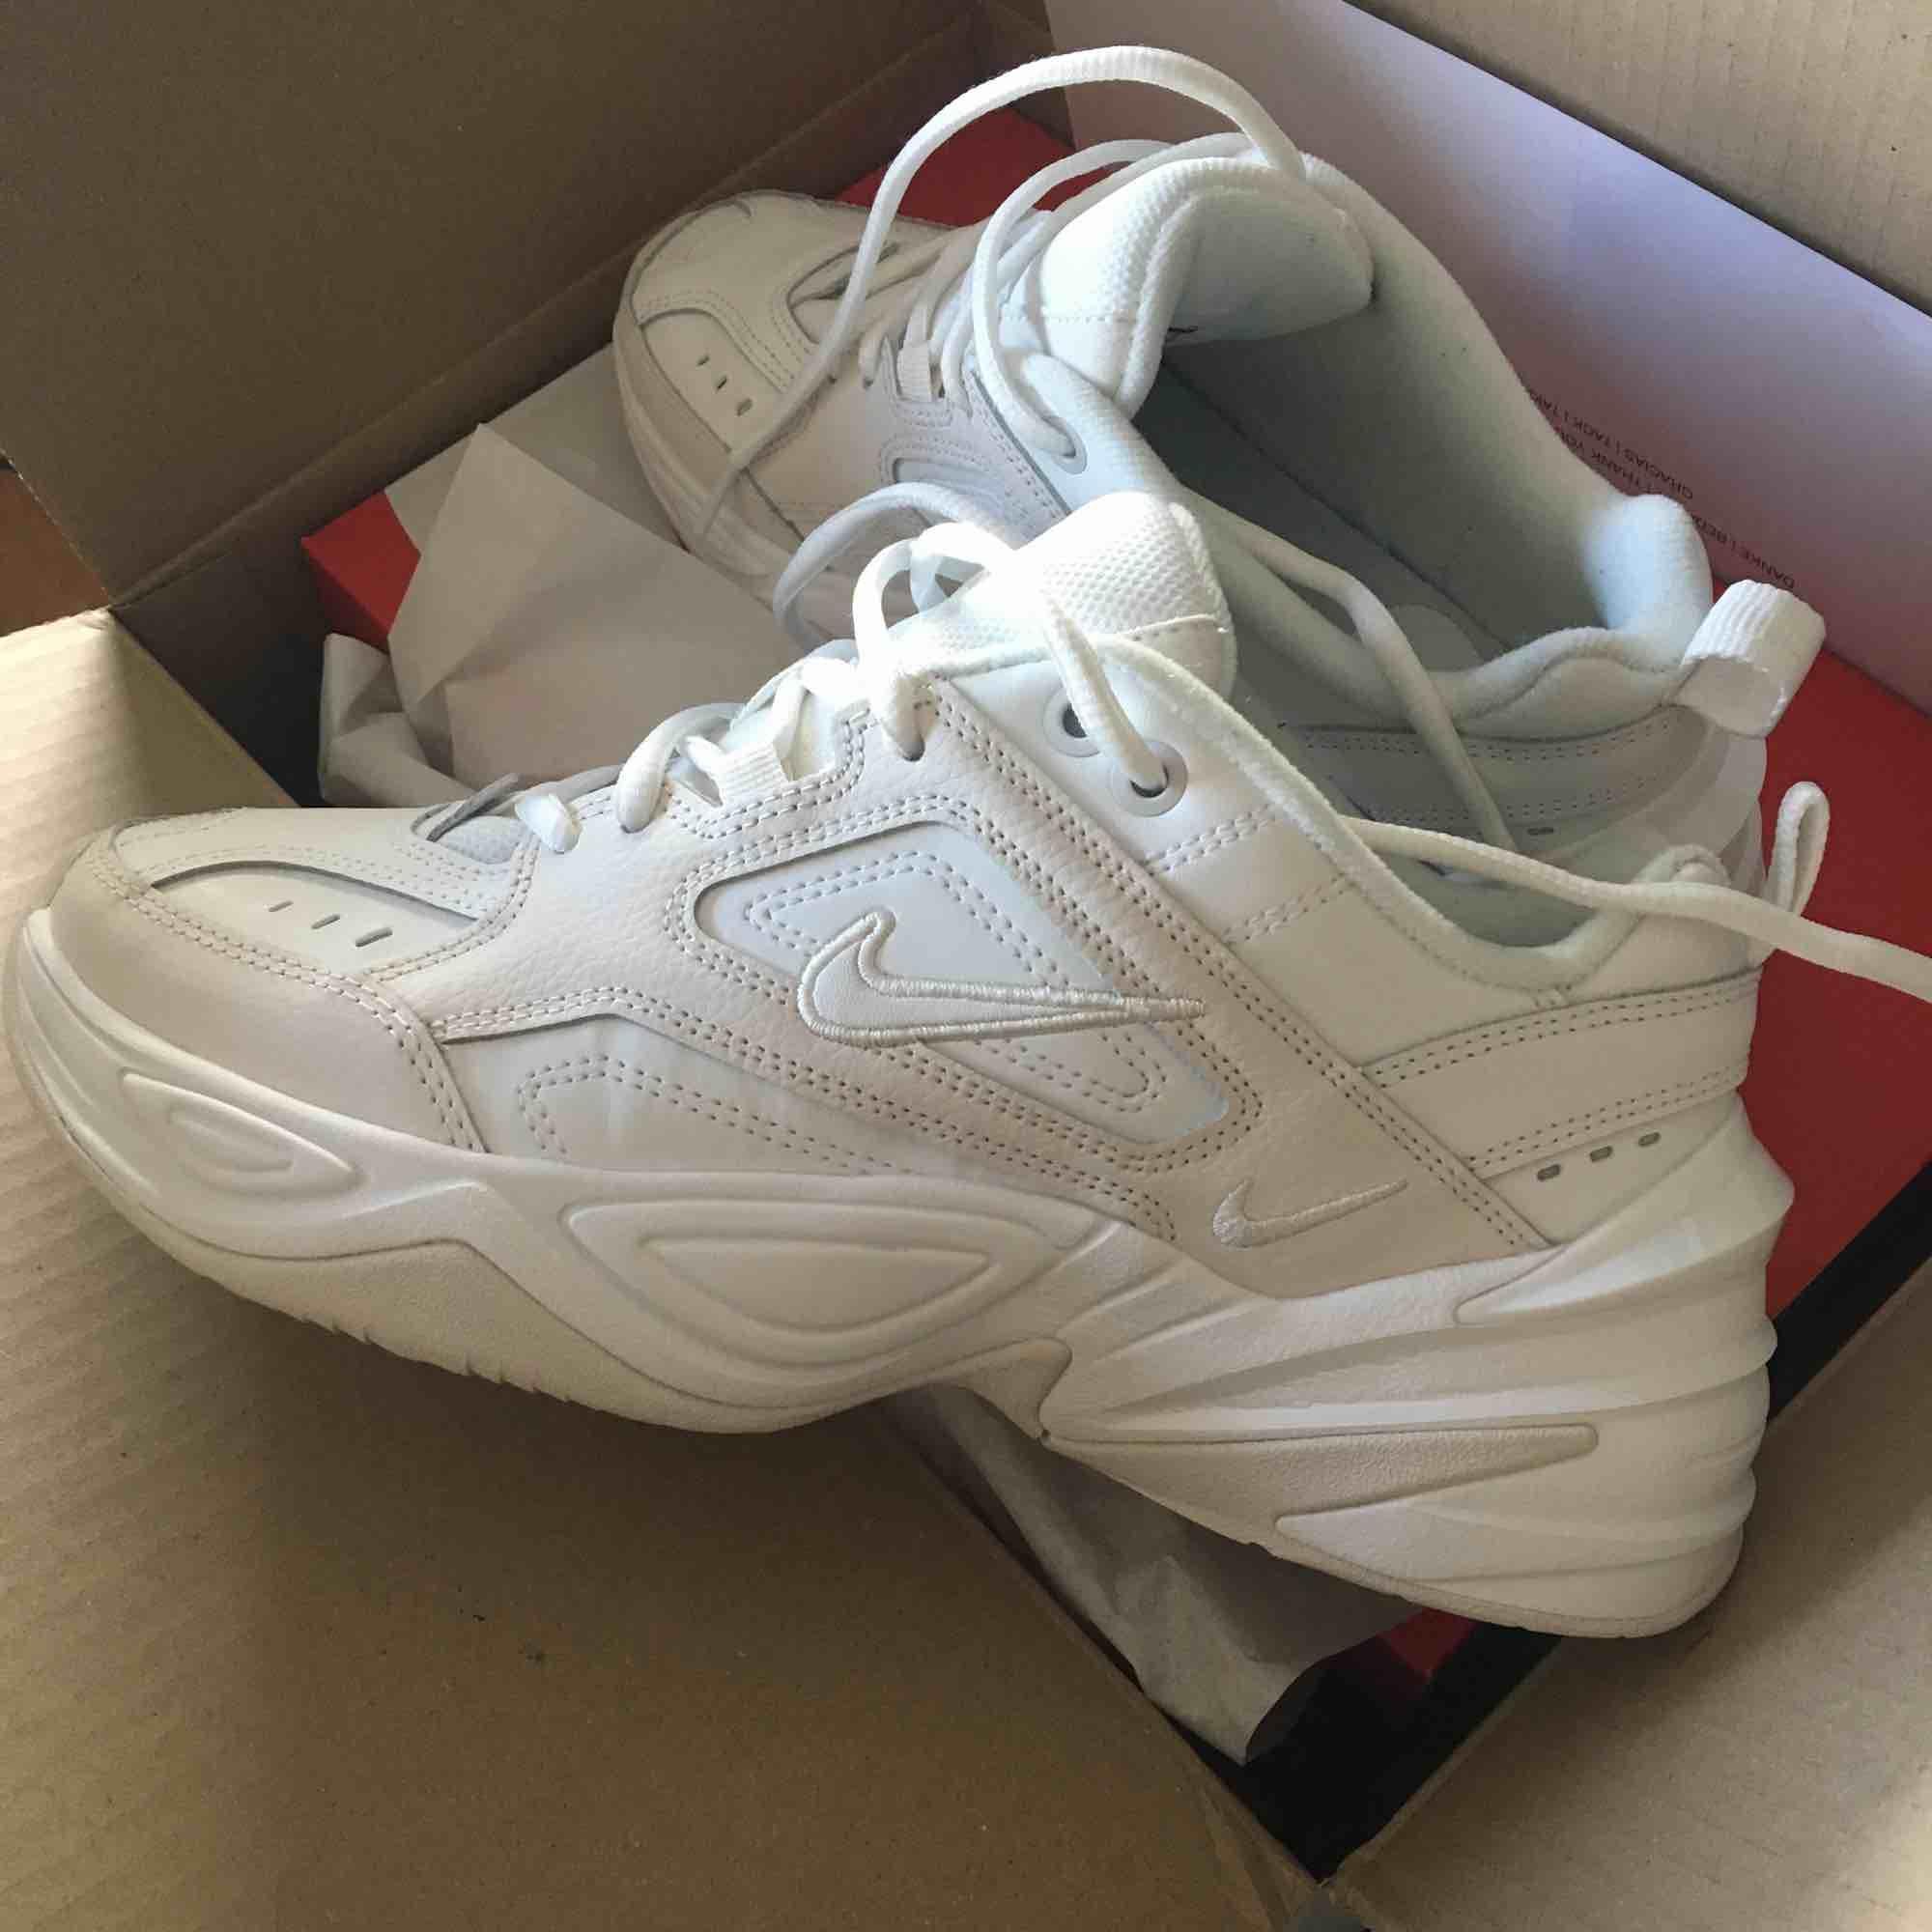 Nike M2K tekno! Helt nya, oanvända! Passade tyvärr inte, har vanligtvis 38 och dessa var ganska små. Jätte bekväma skor. De är slutsålda typ överallt så kommer ej kunna byta till större storlek. . Skor.